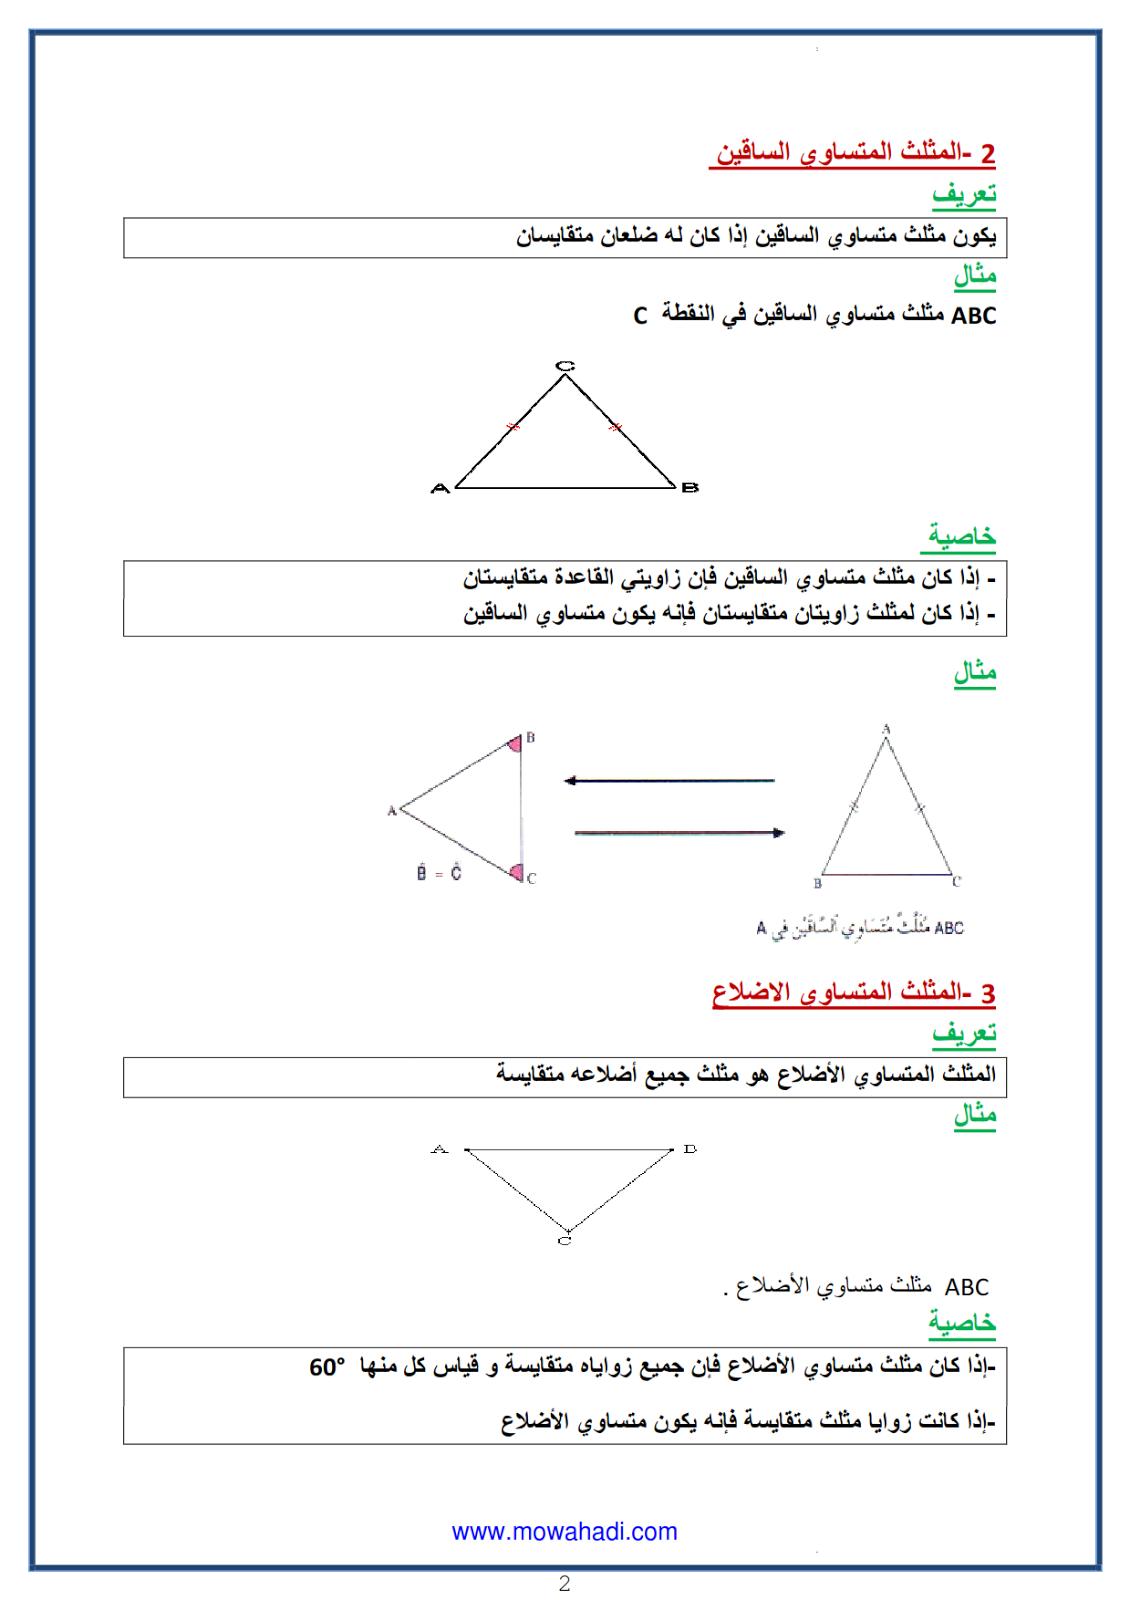 المثلث  2